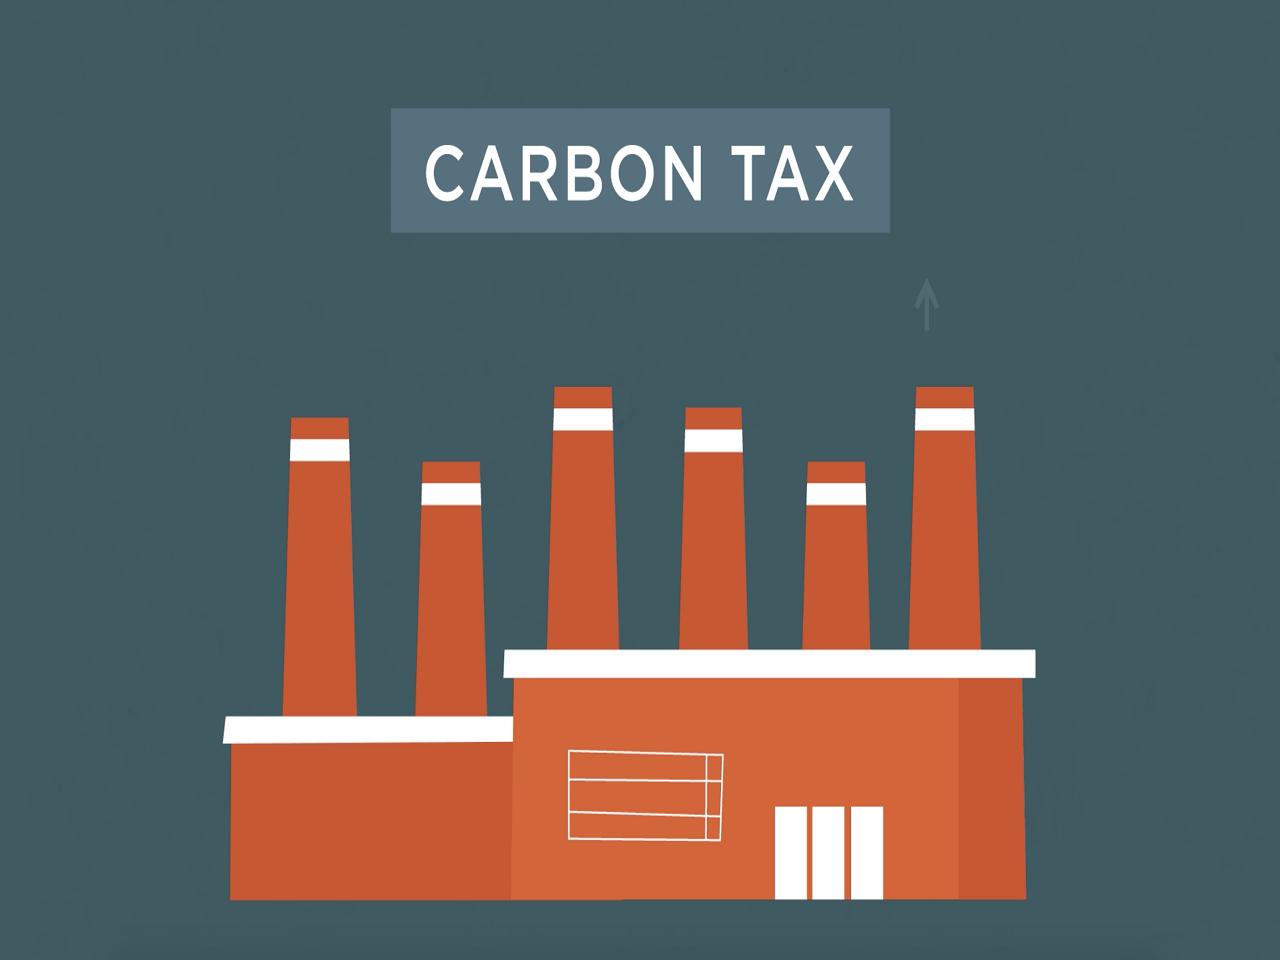 Çin, AB'nin Planladığı Karbon Düzenlemesinin Ticaret İlkelerine Aykırı Olduğunu Açıkladı